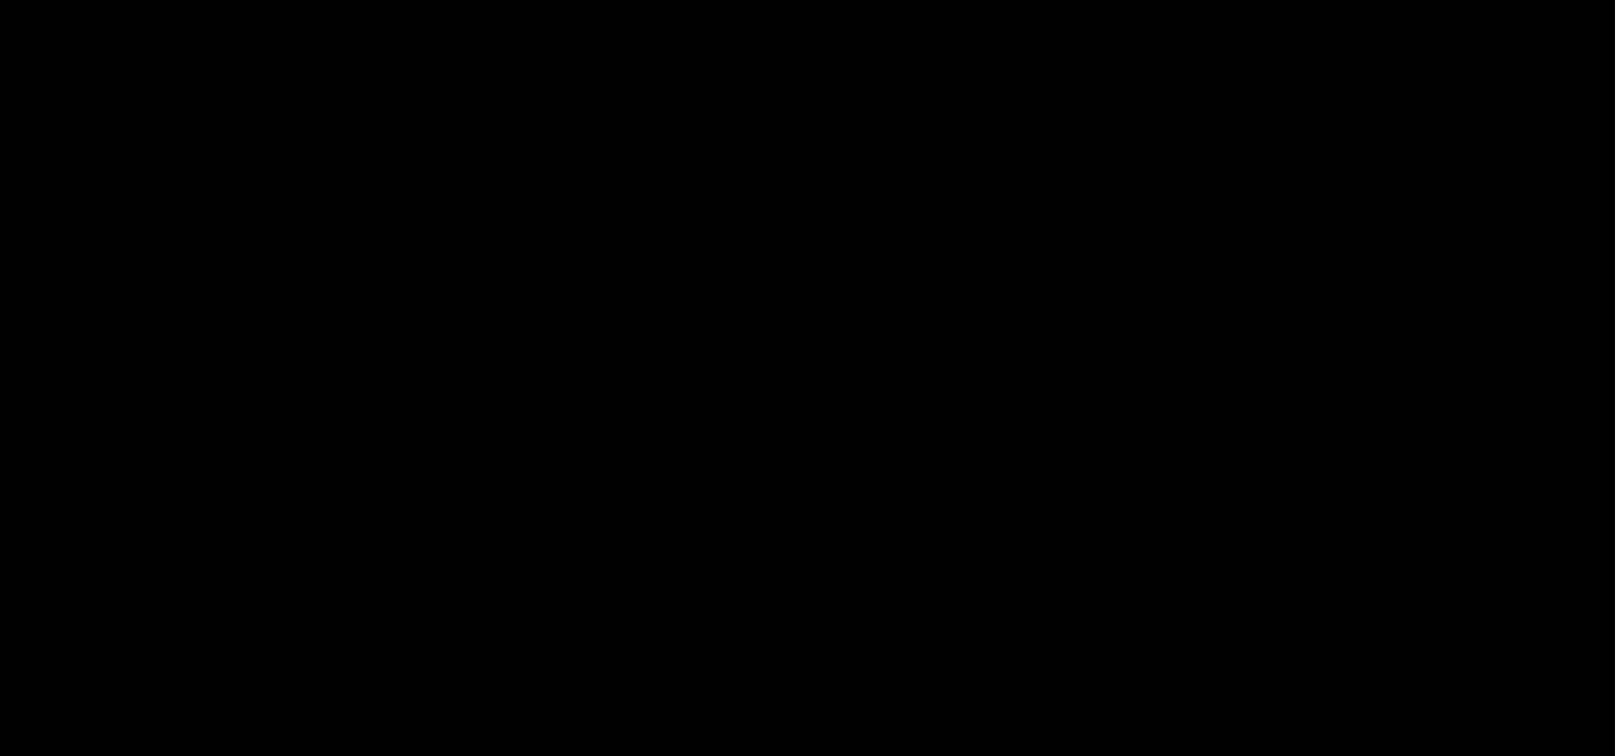 fritlagt_logo_hvid kopi.png